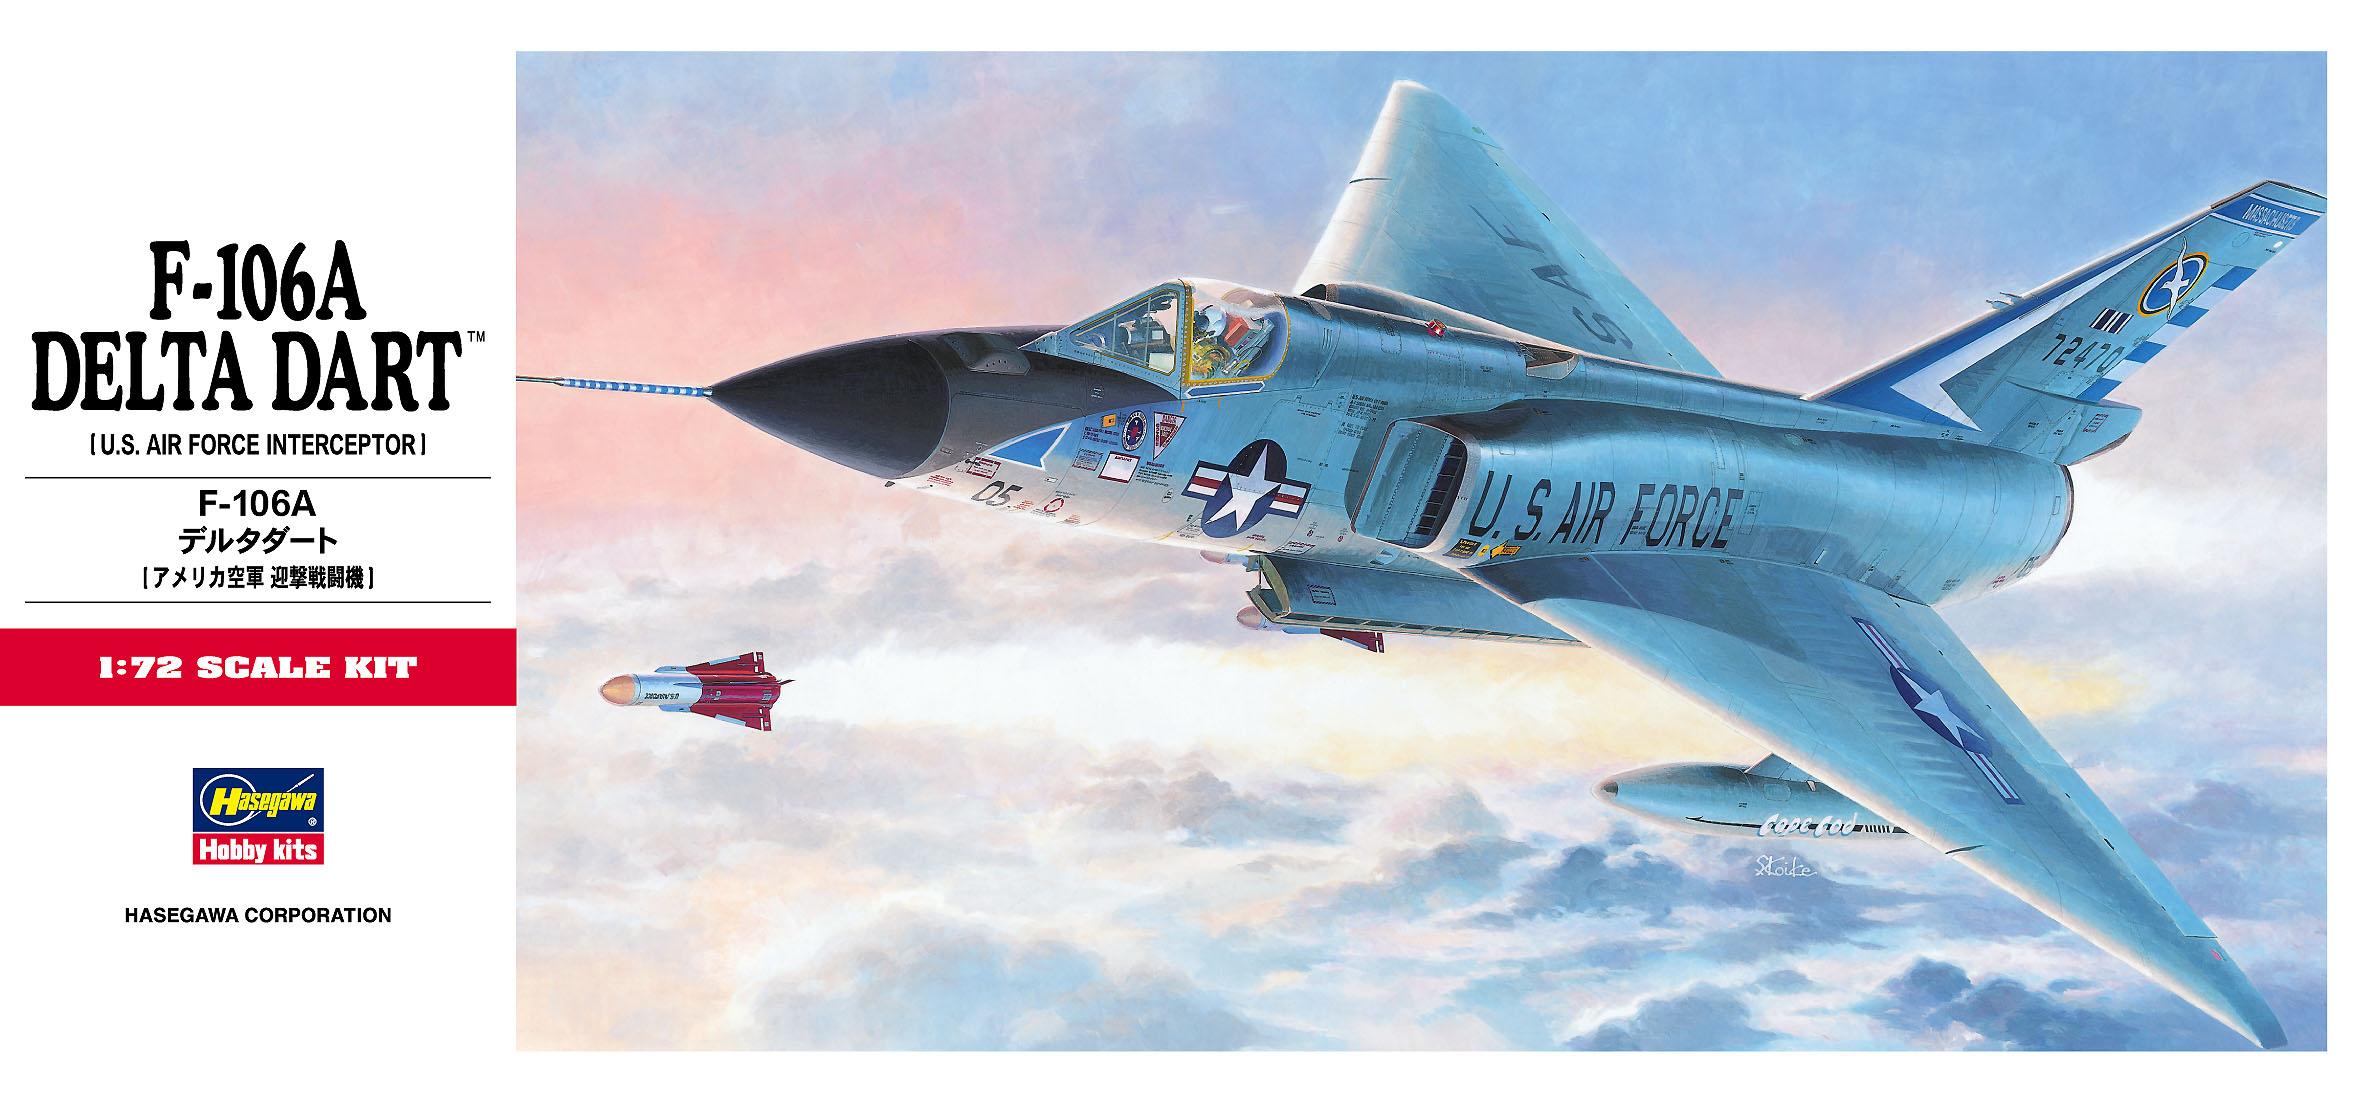 Hasegawa F-106A Delta Dart C11